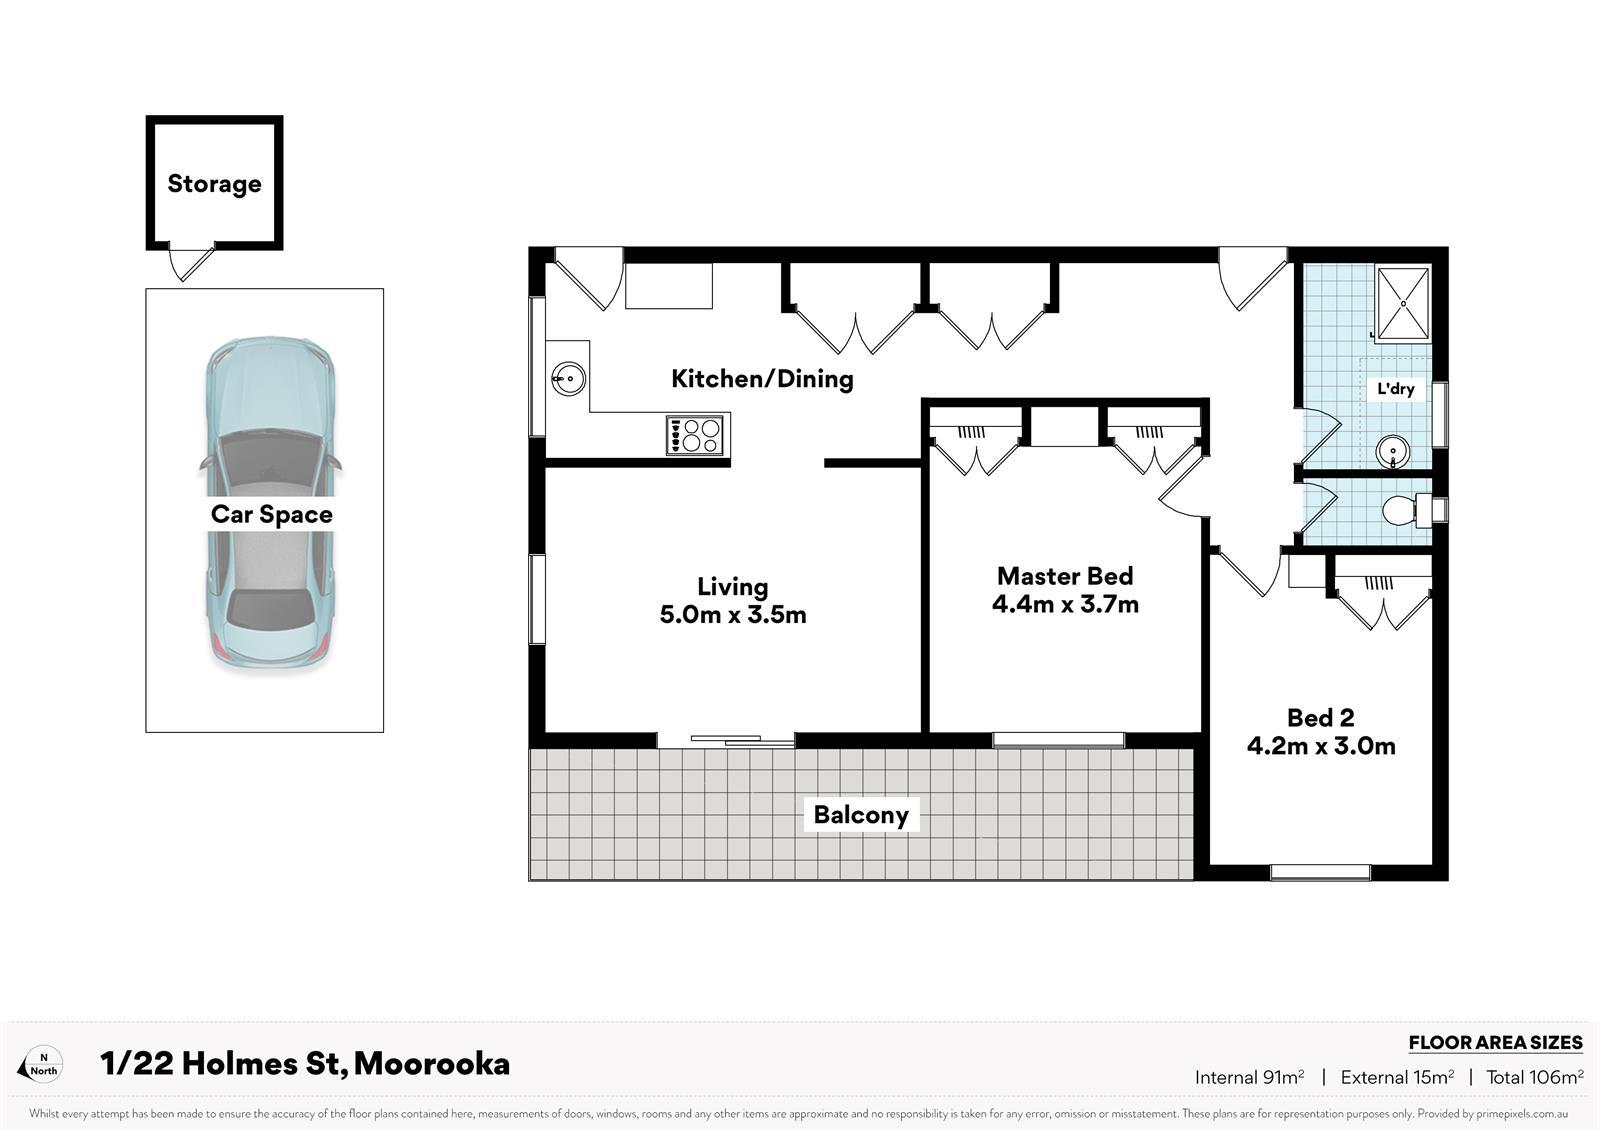 1 / 22 Holmes St Moorooka QLD 4105 Floorplan 1